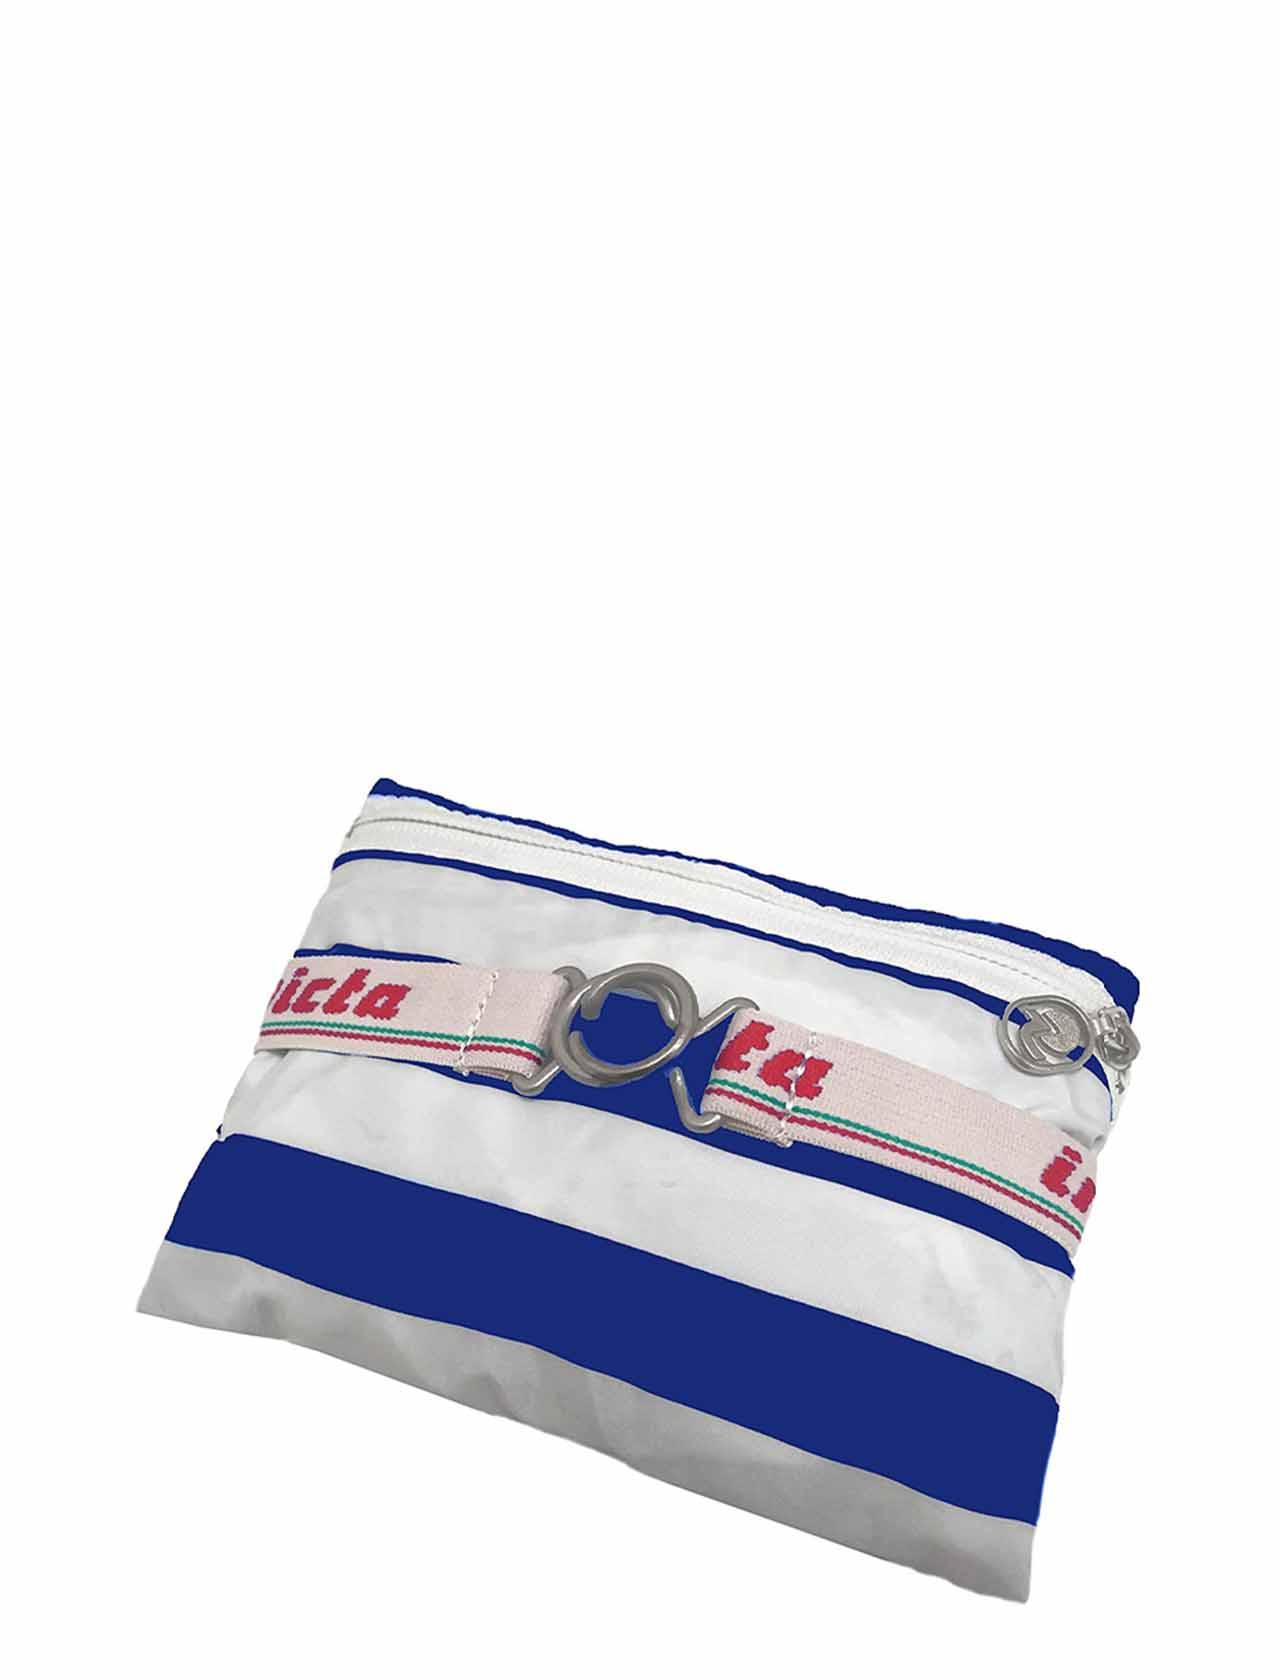 Zaino Unisex Iconico Minisac Bianco e Azzurro Ripiegabile 206001662 Invicta | Borse e zaini | MINISAC585